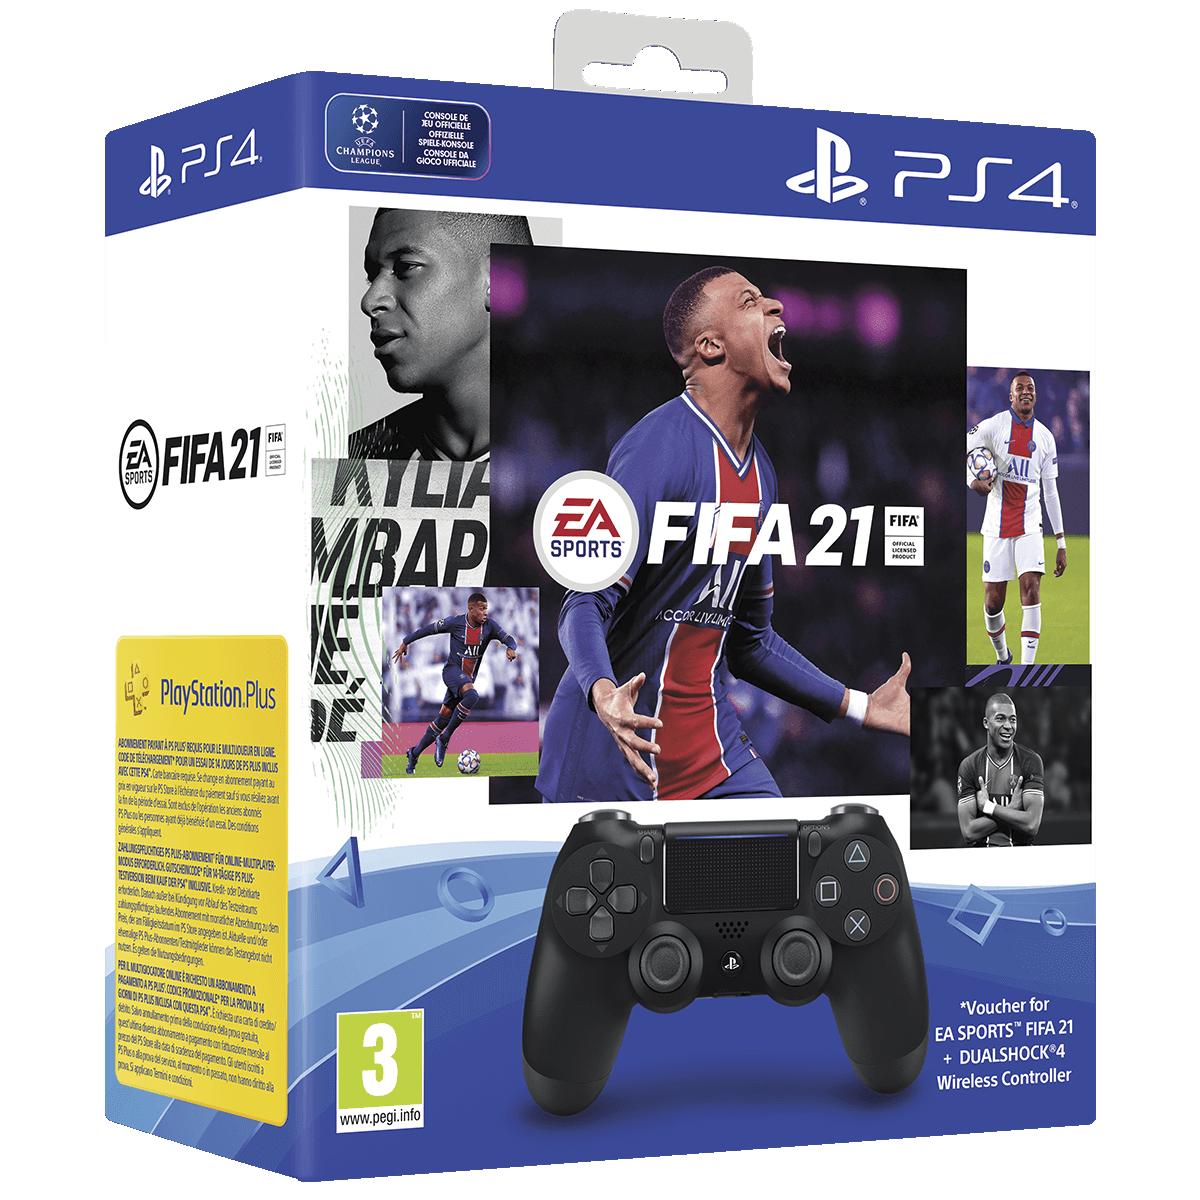 Bild av paket med FIFA 21 DS4